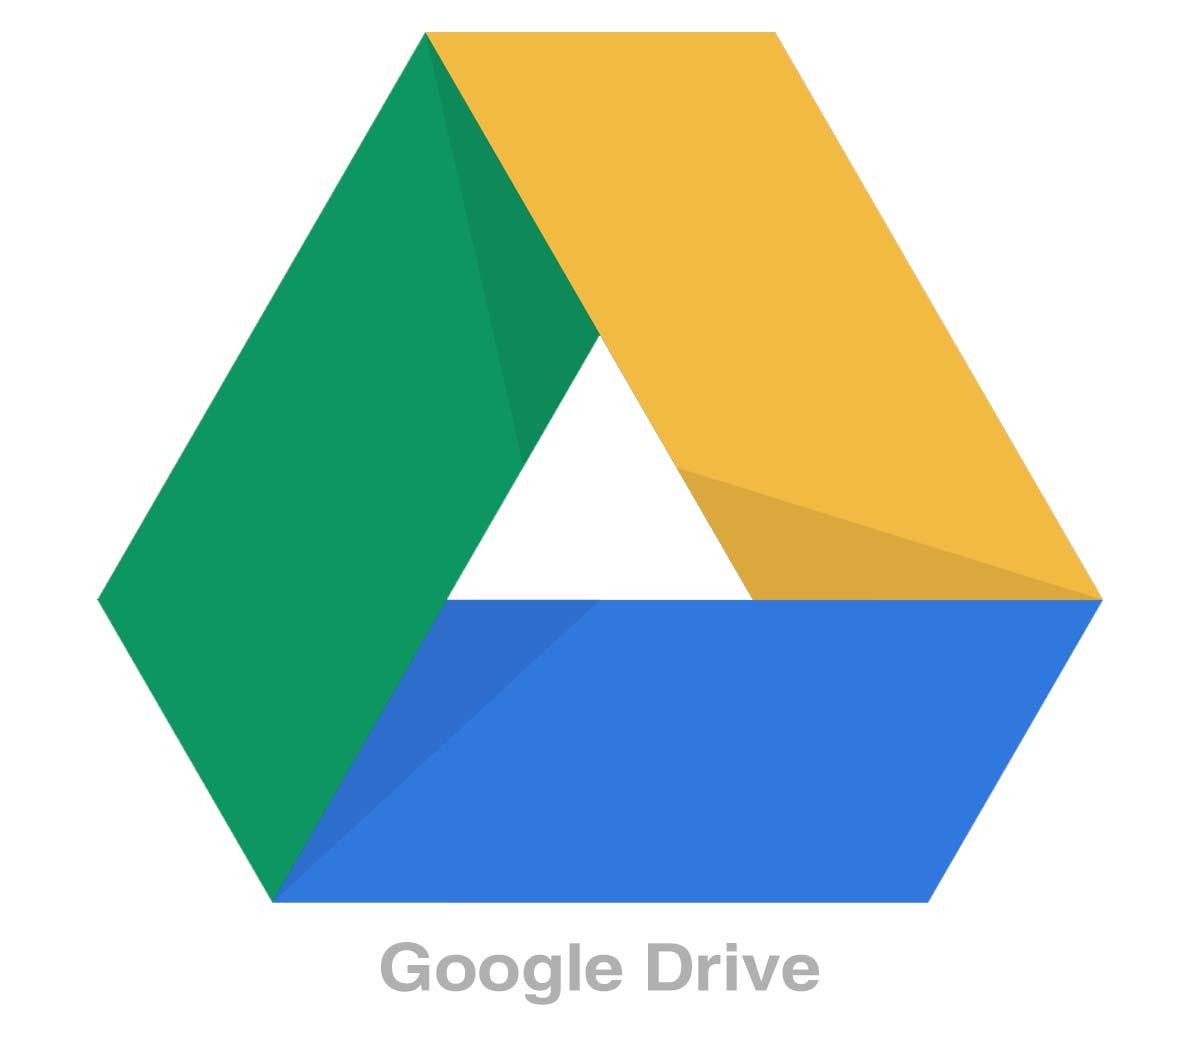 تحميل جوجل درايف للكمبيوتر Google Drive